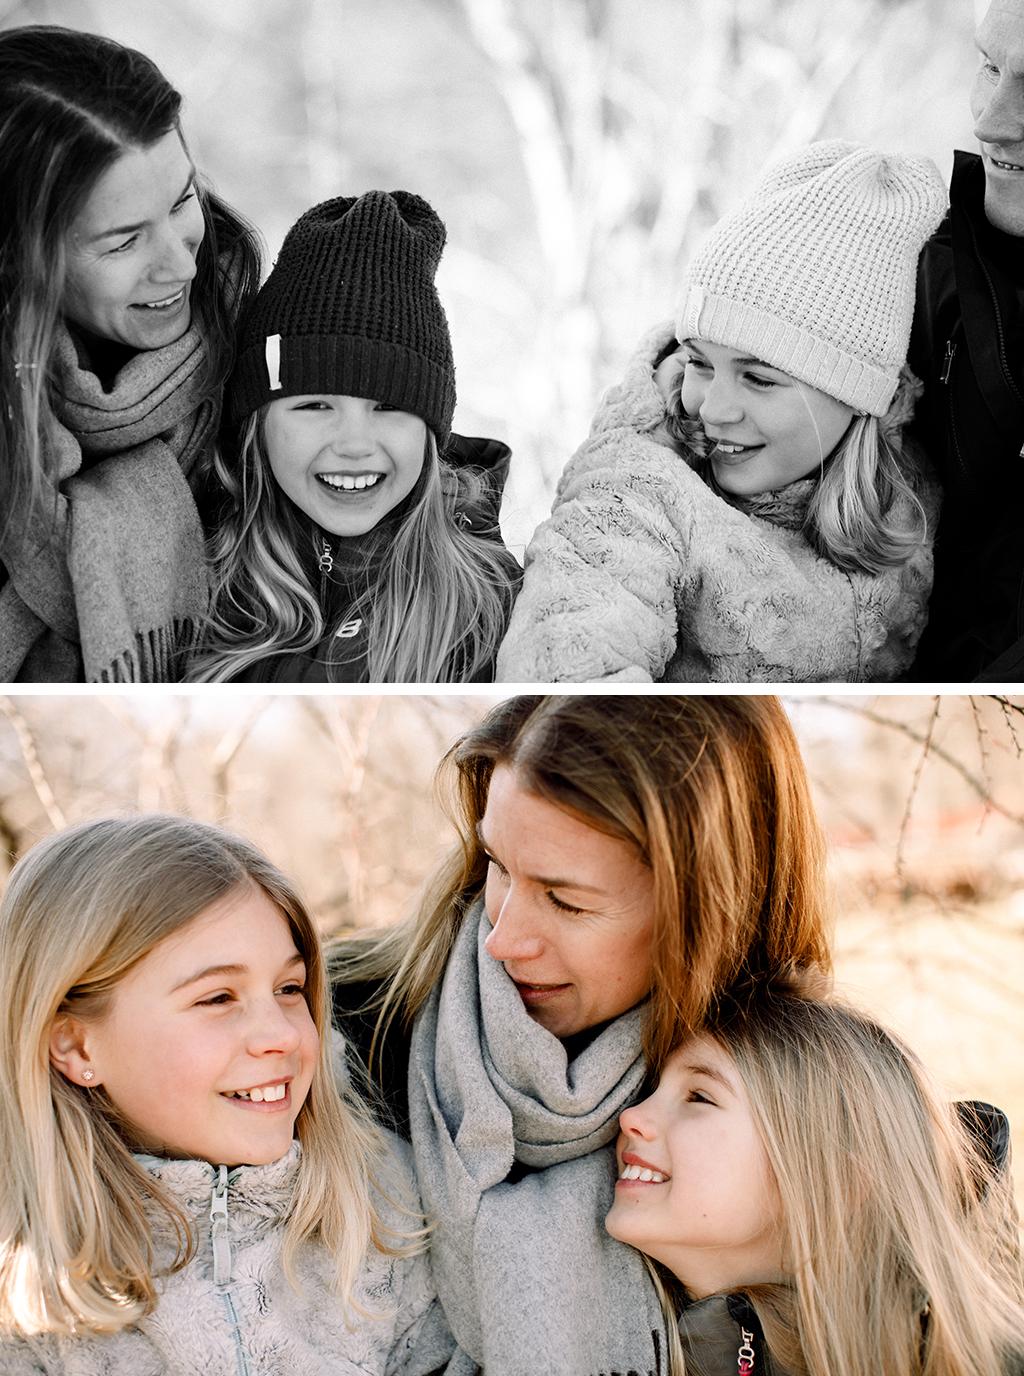 Mellanarstid_familjefotografering_Stockholm_AnnaSandstrom_4.jpg